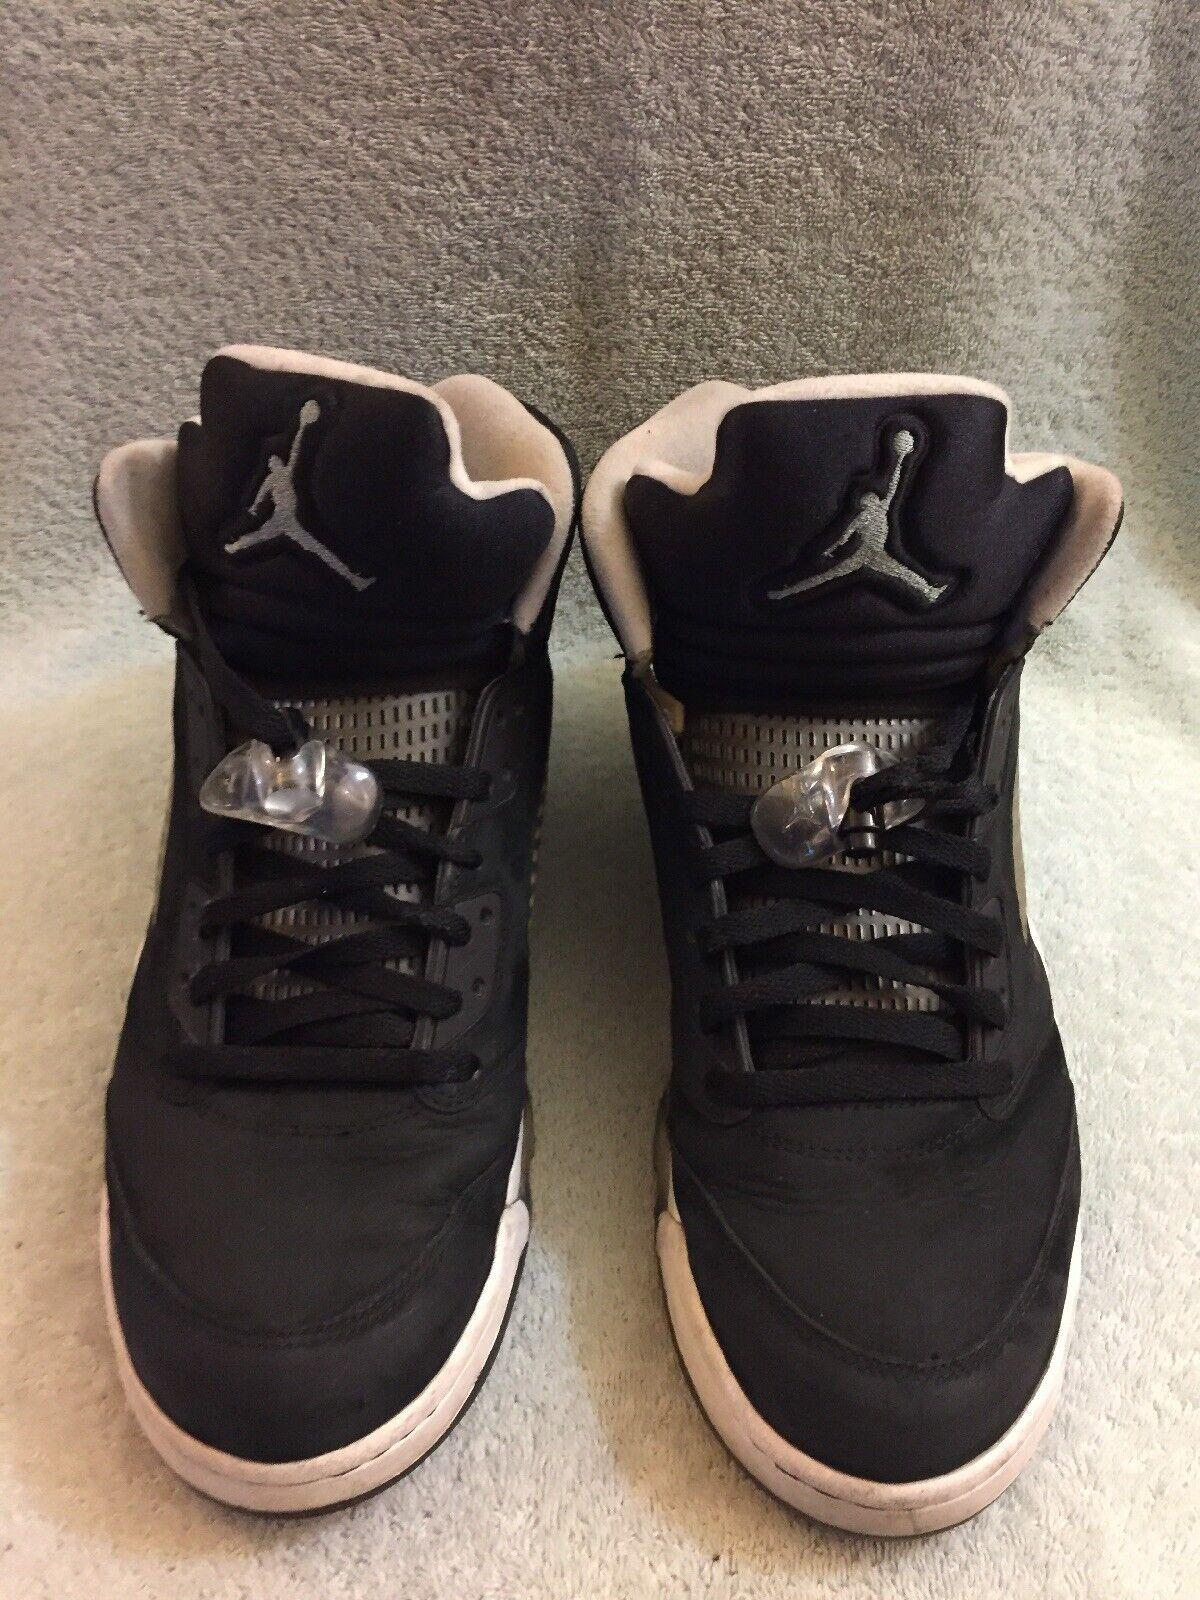 Jordan 5 Retro Oreo 136027-035 Negro gris Frío blancoo Hombre